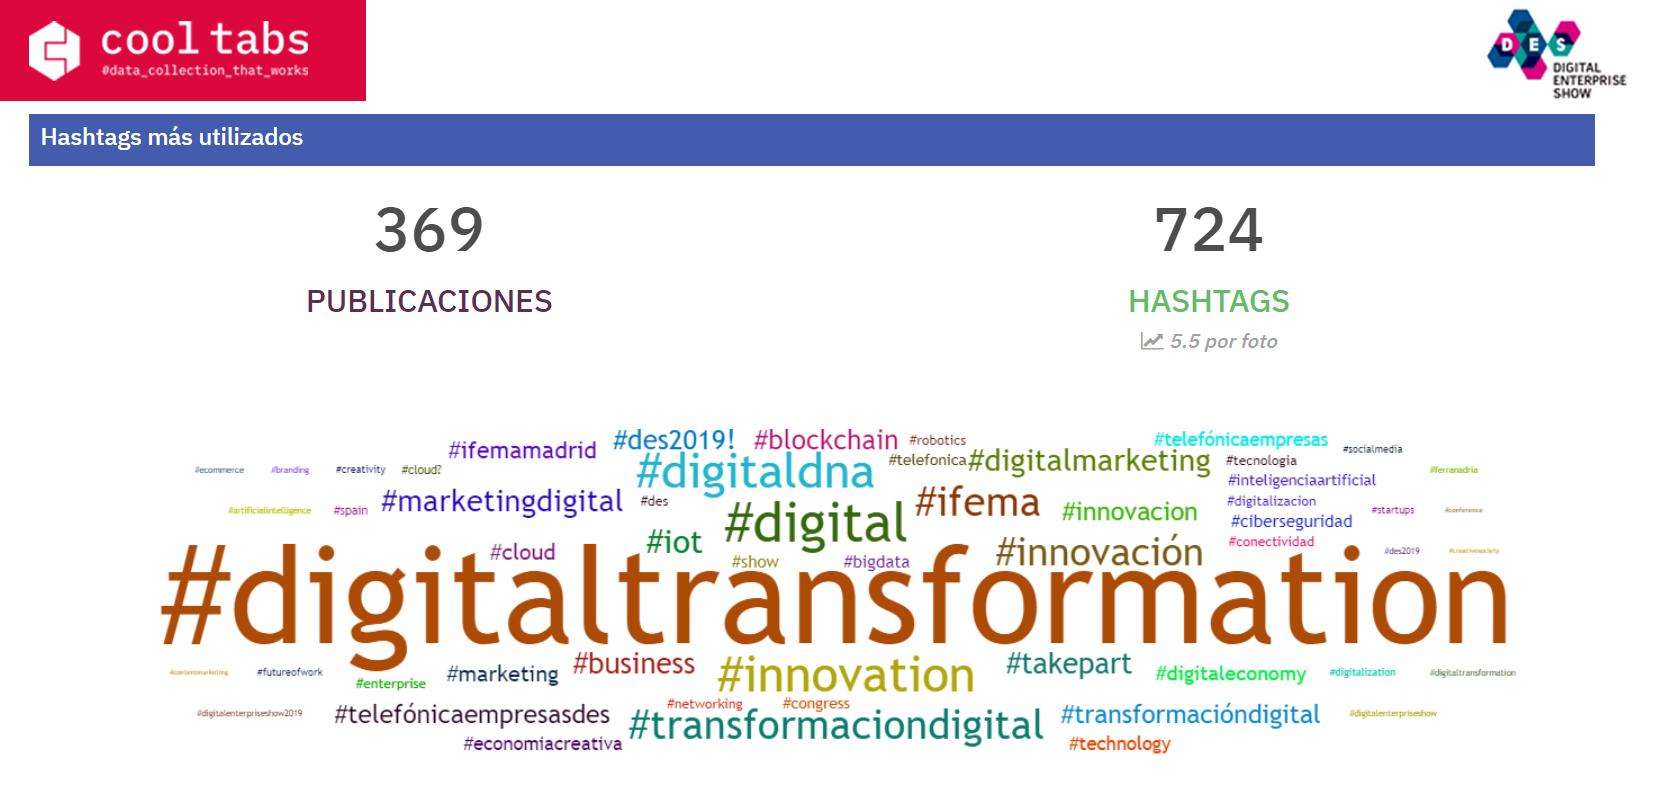 des-2019-hashtags-instagram